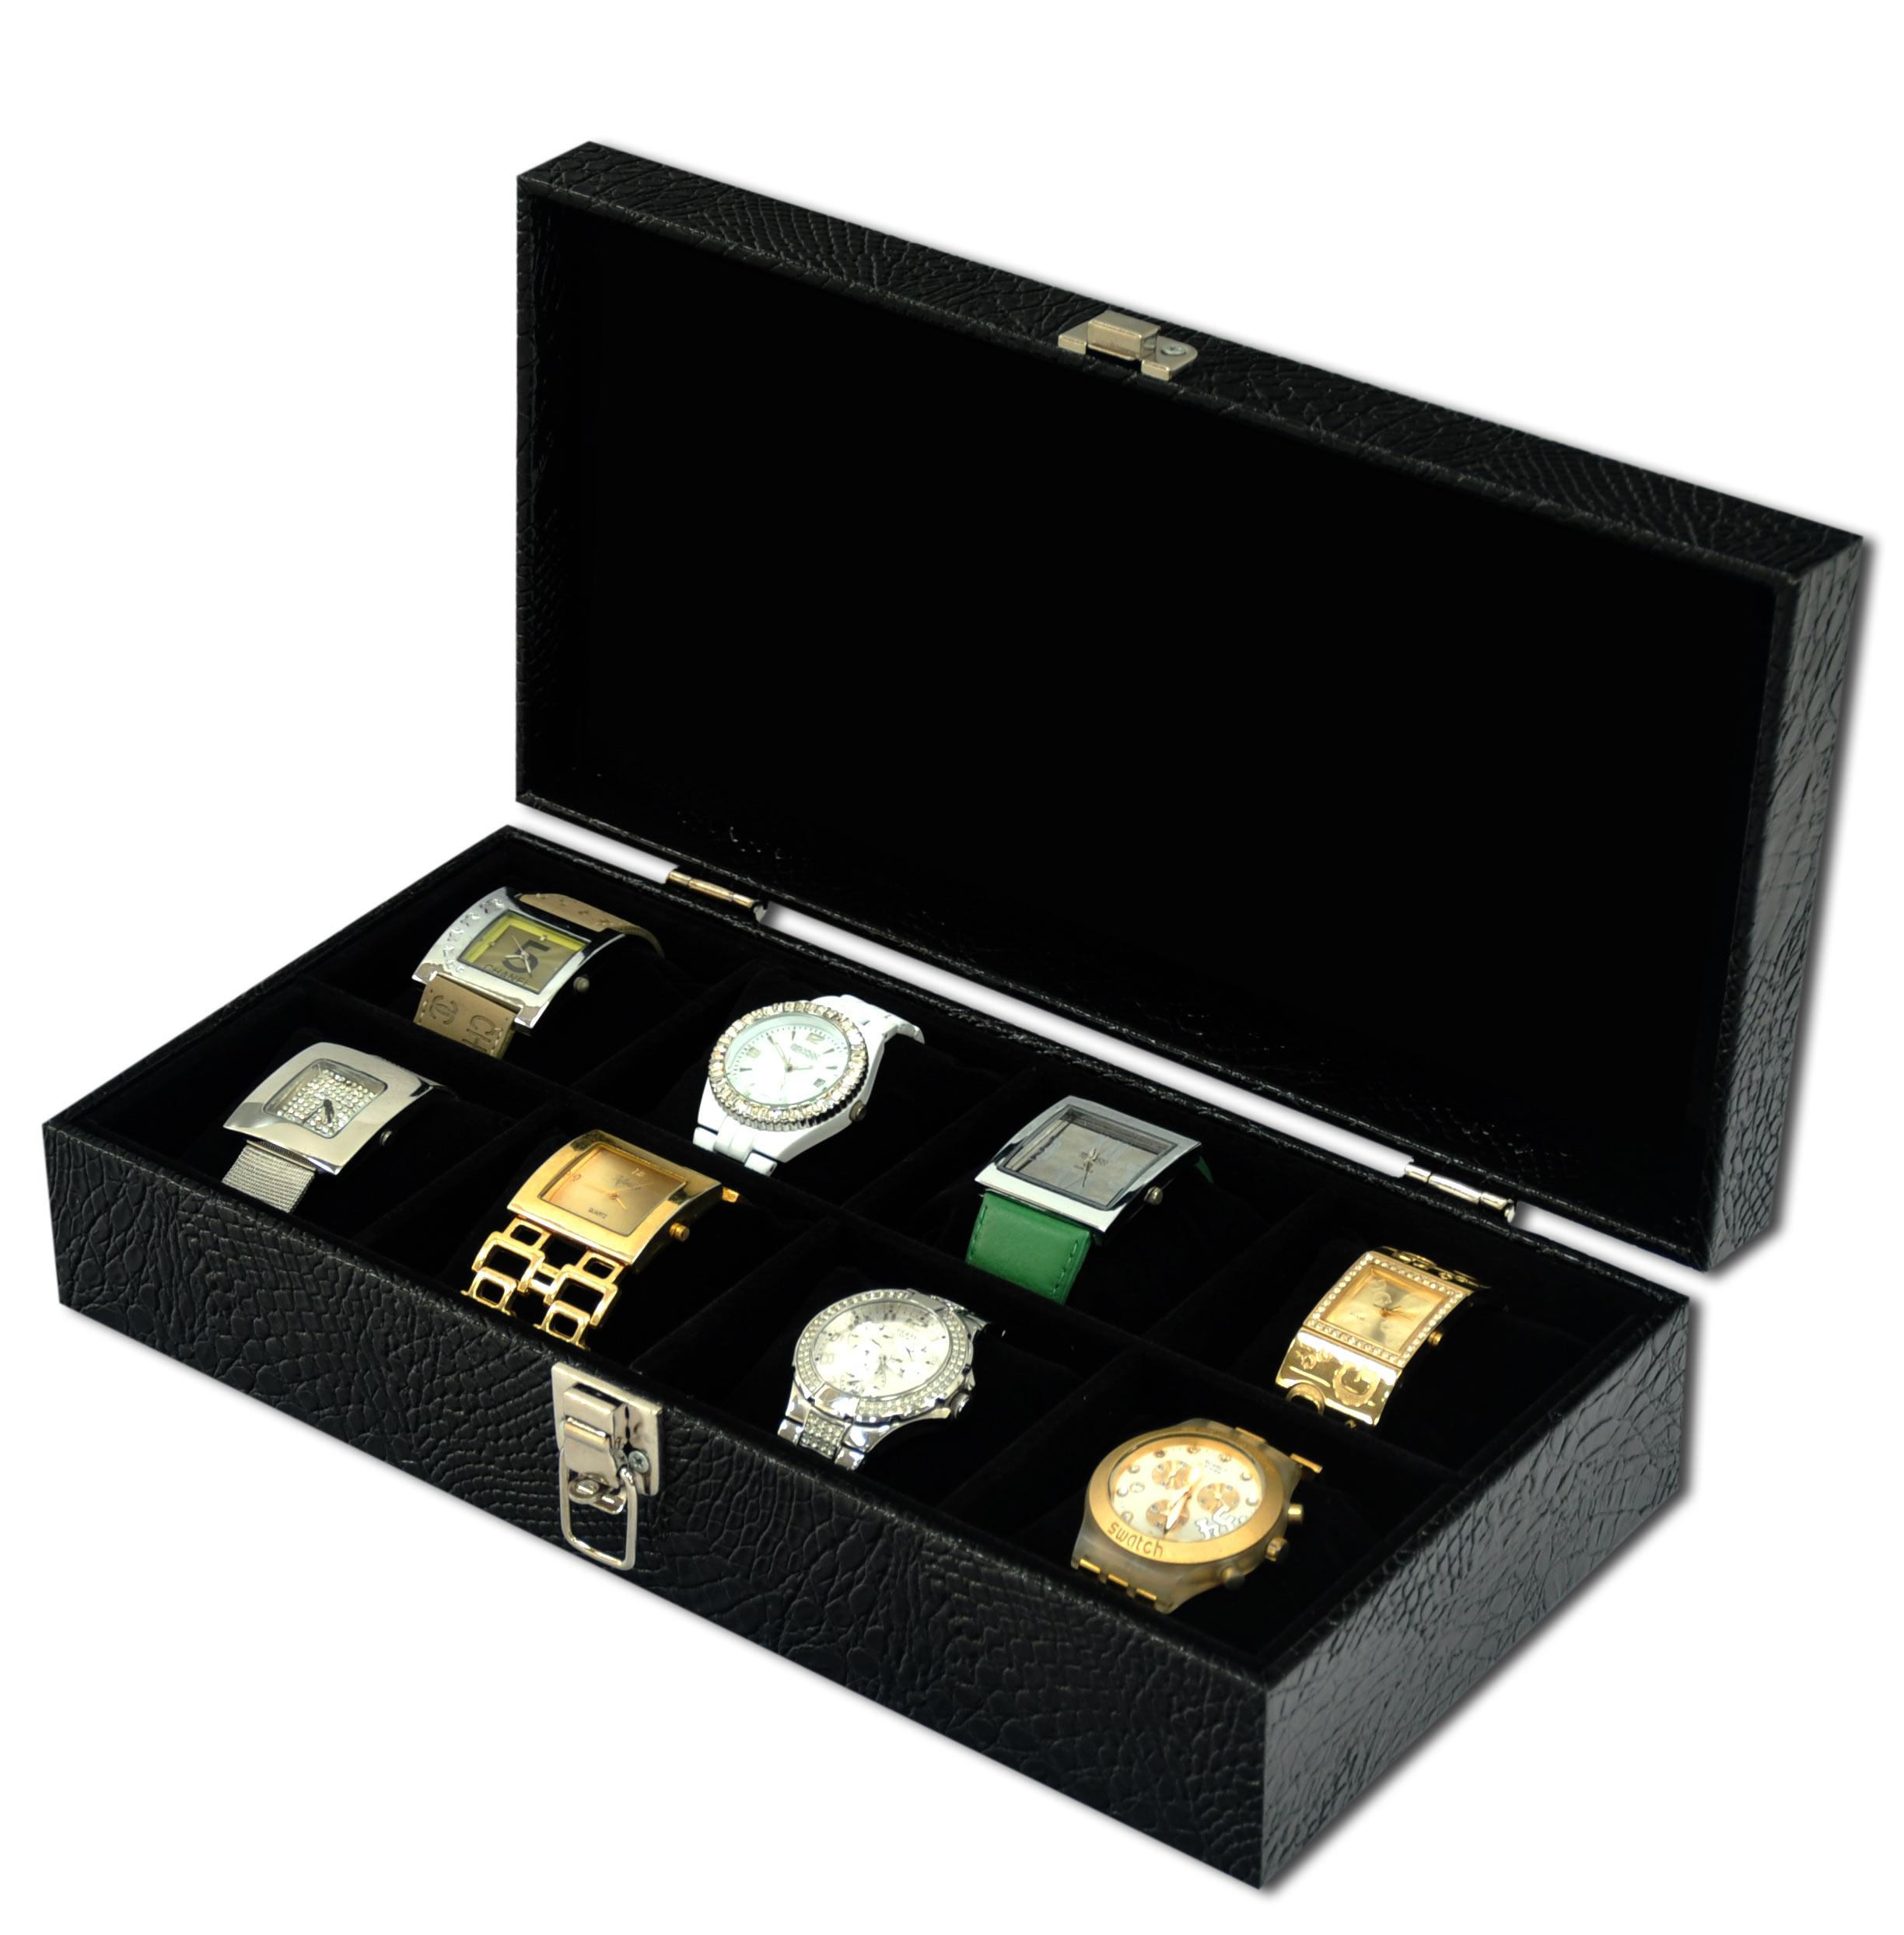 43ca8894f Porta Relógios para 8 relógios no Elo7